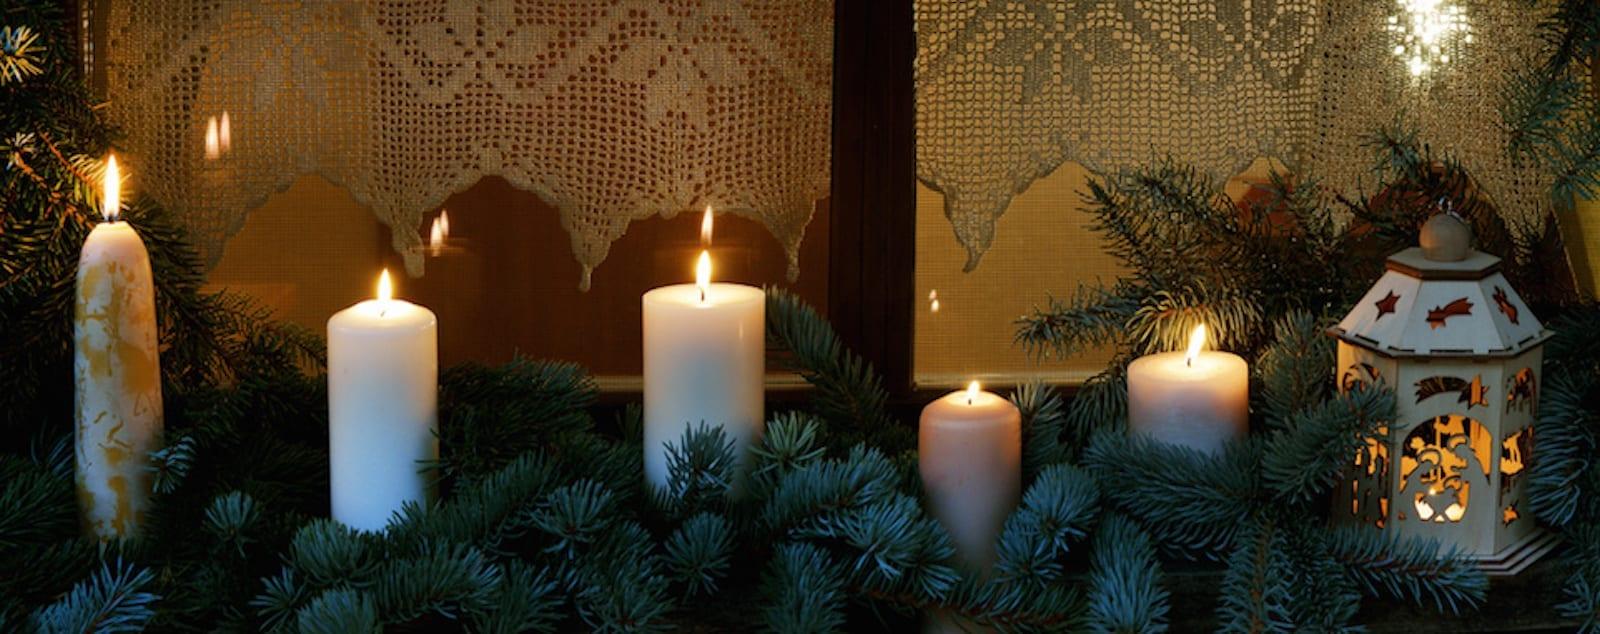 Weihnachten und der Zufall